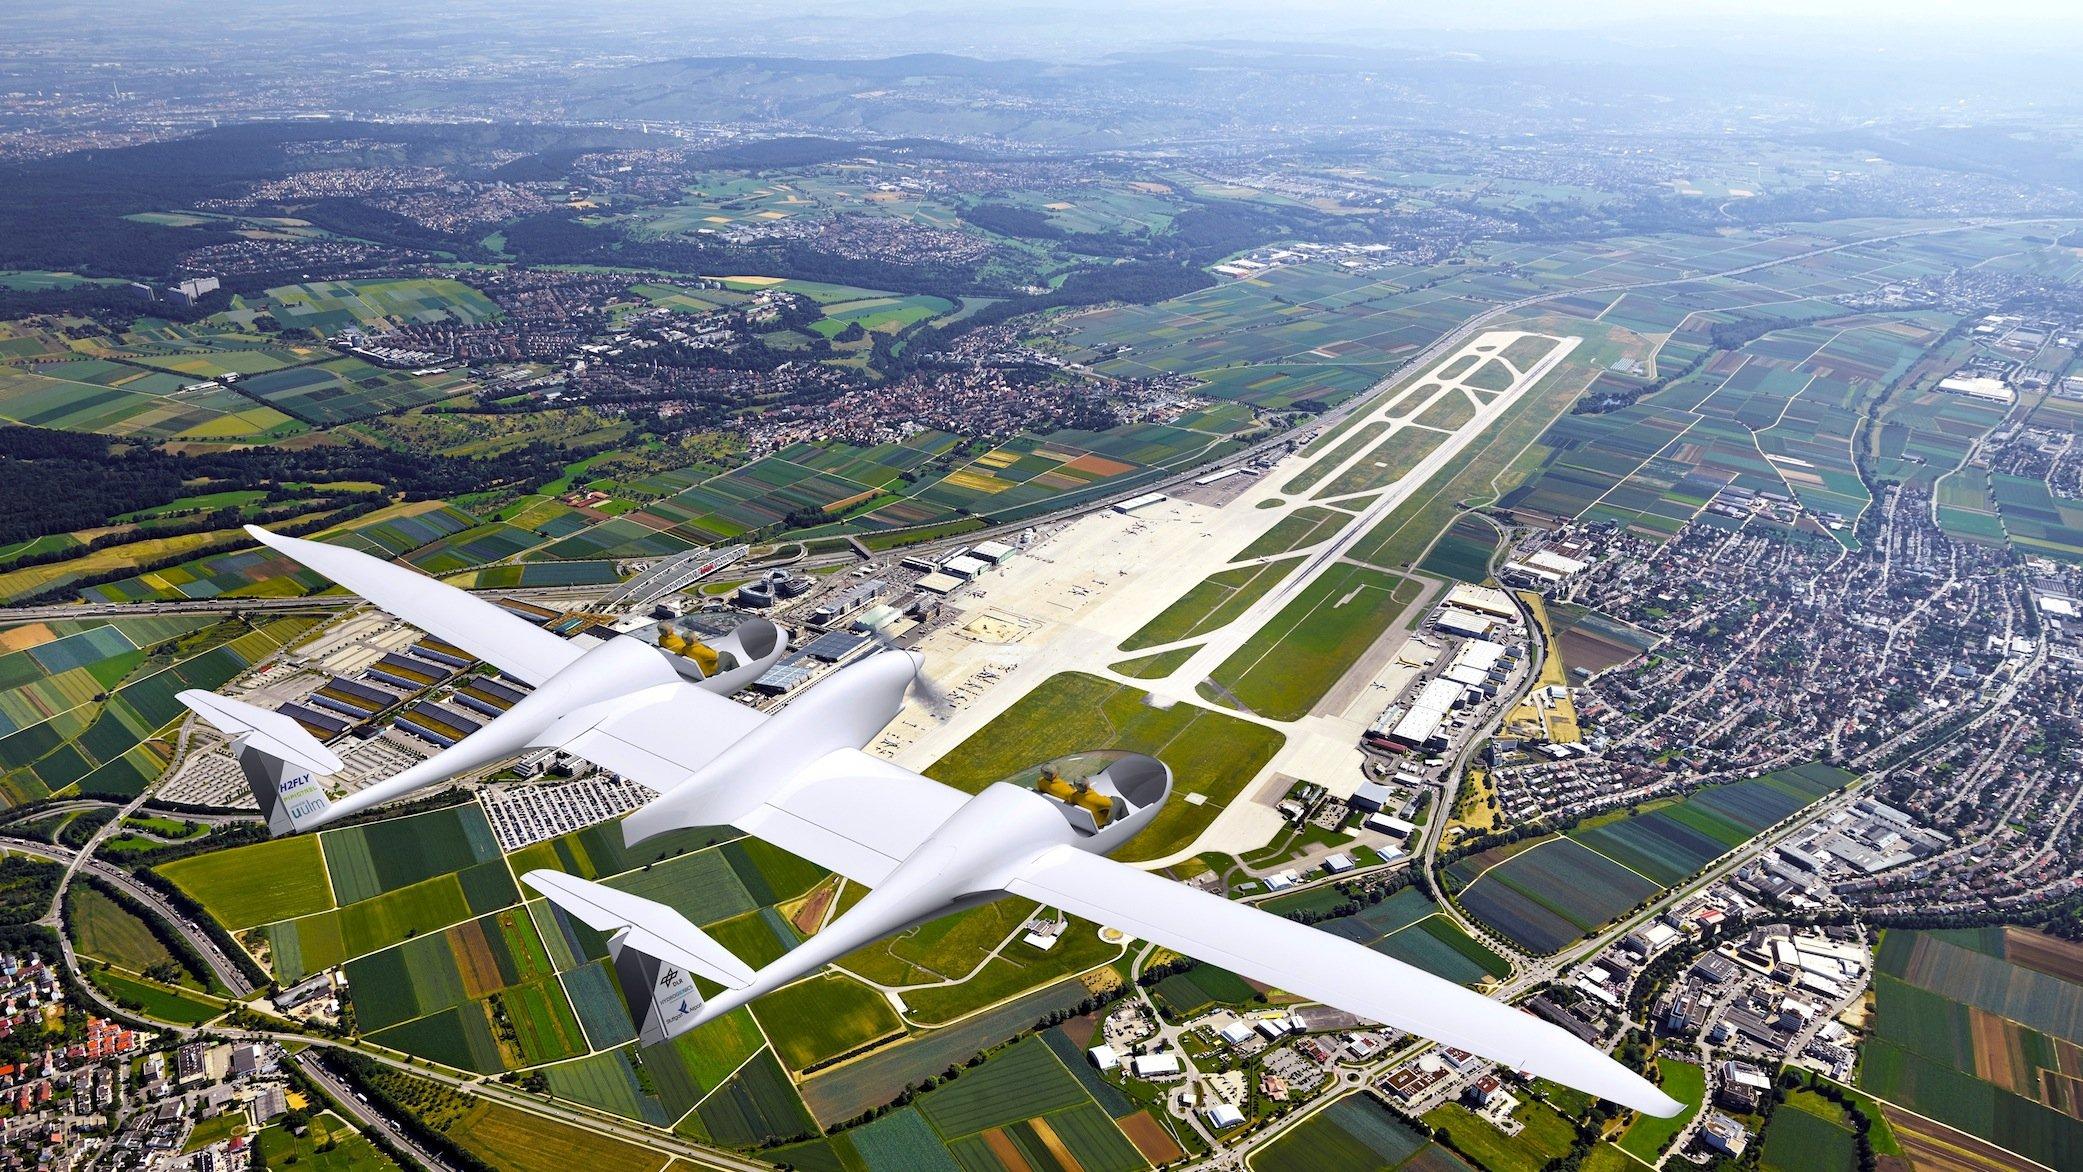 Das Brennstoffzellen-Flugzeug HY4 über dem Flughafen Stuttgart: Perfekt geeignet wäre HY4 für Kurzstreckenflüge zwischen den 60 regionalen und internationalen Flughäfen in Deutschland.